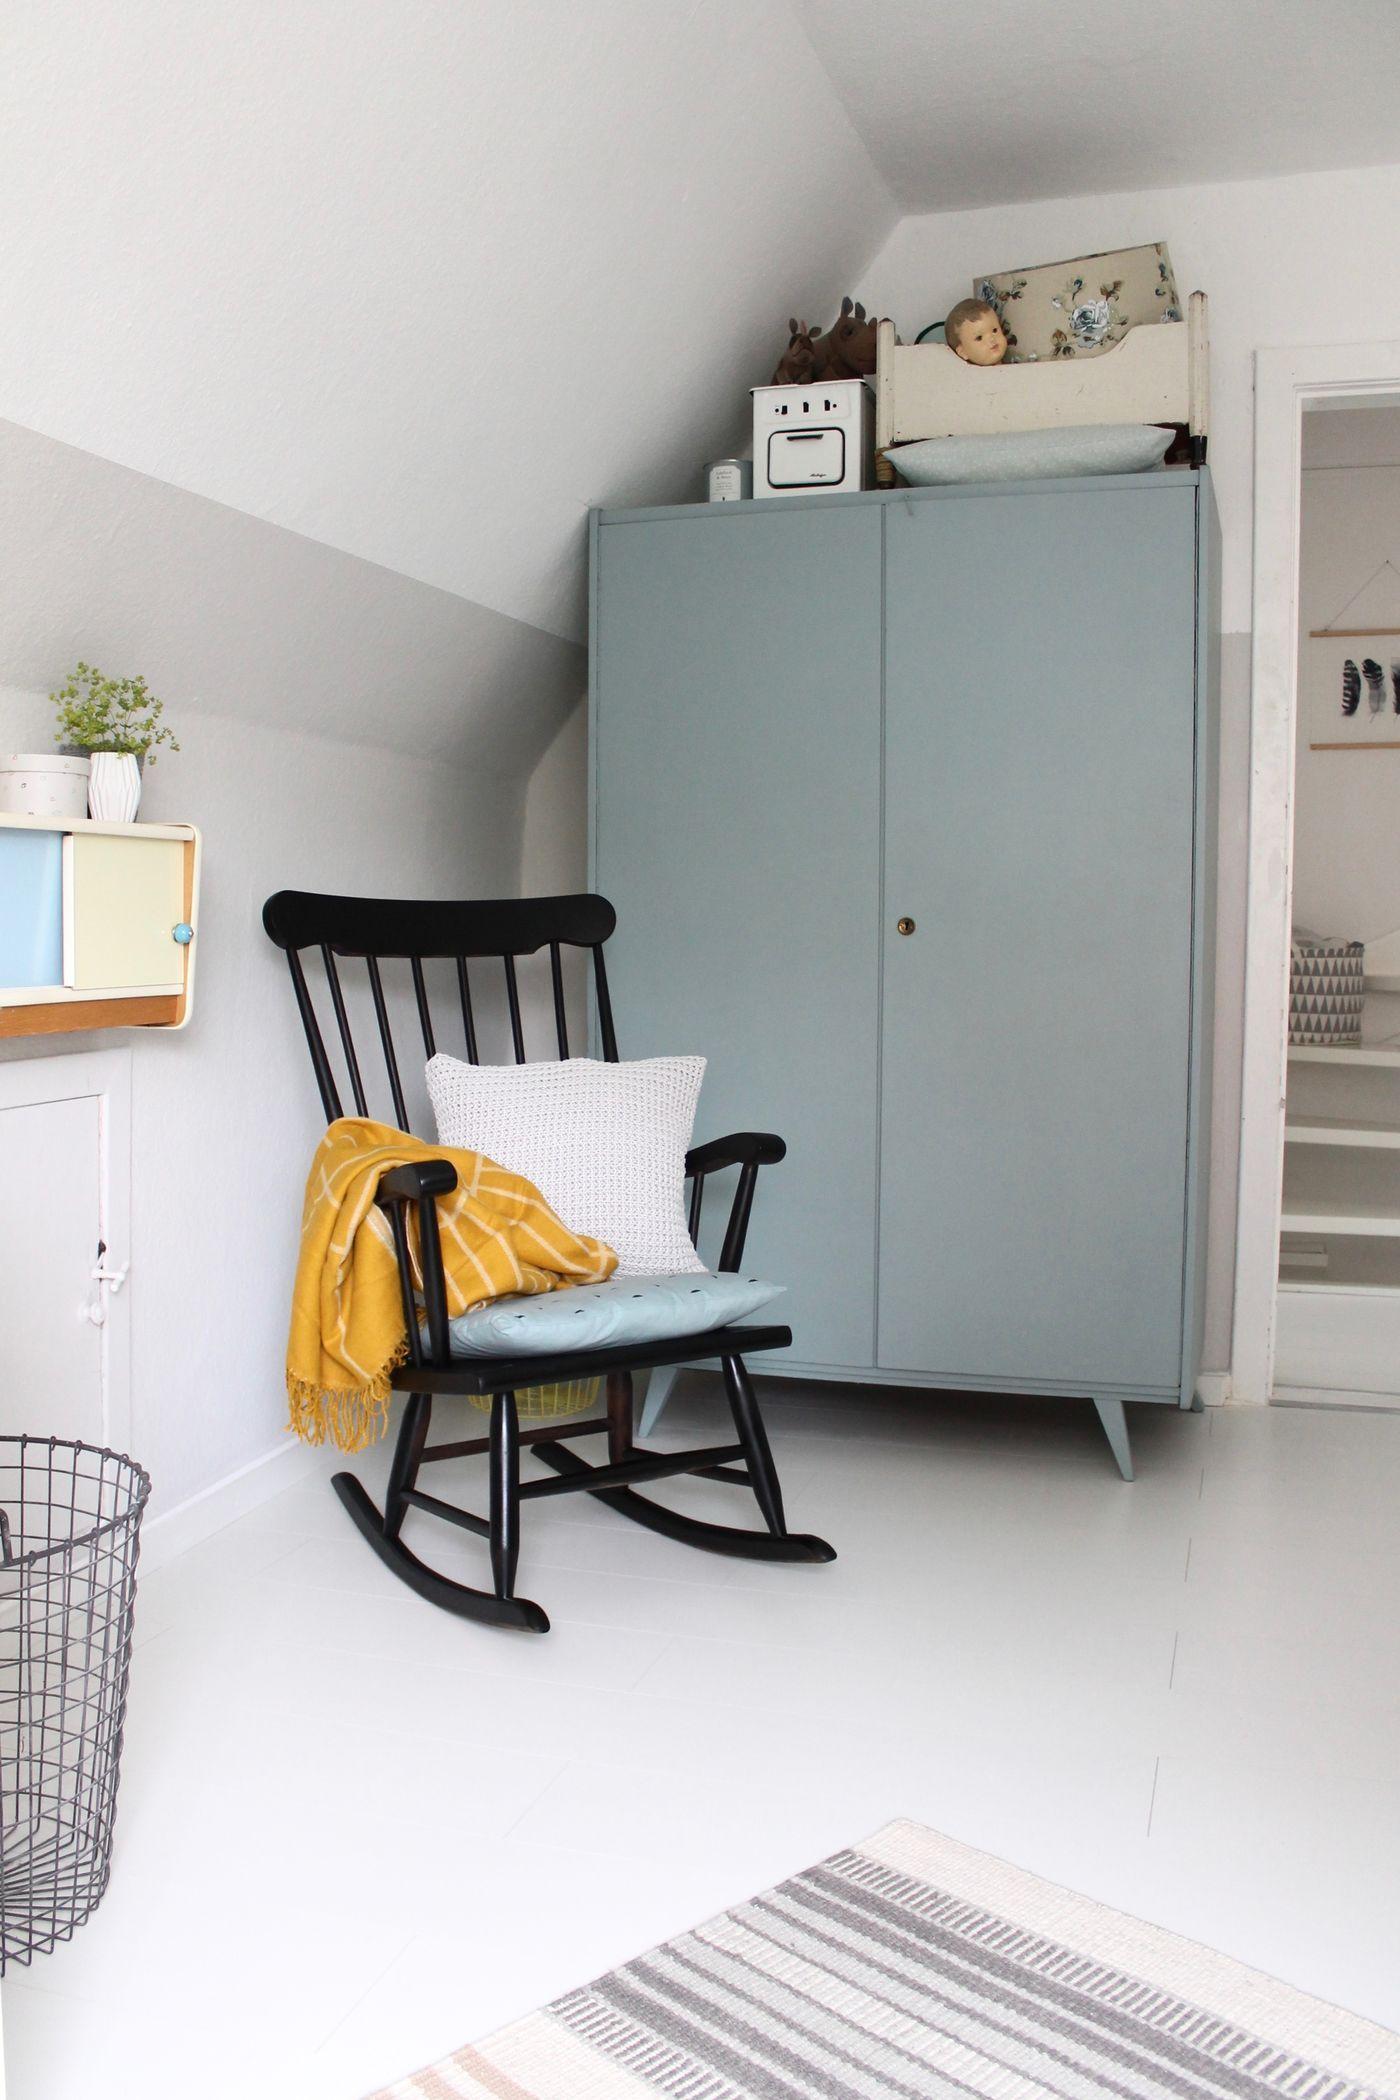 die sch nsten ideen f r dein babyzimmer seite 2. Black Bedroom Furniture Sets. Home Design Ideas